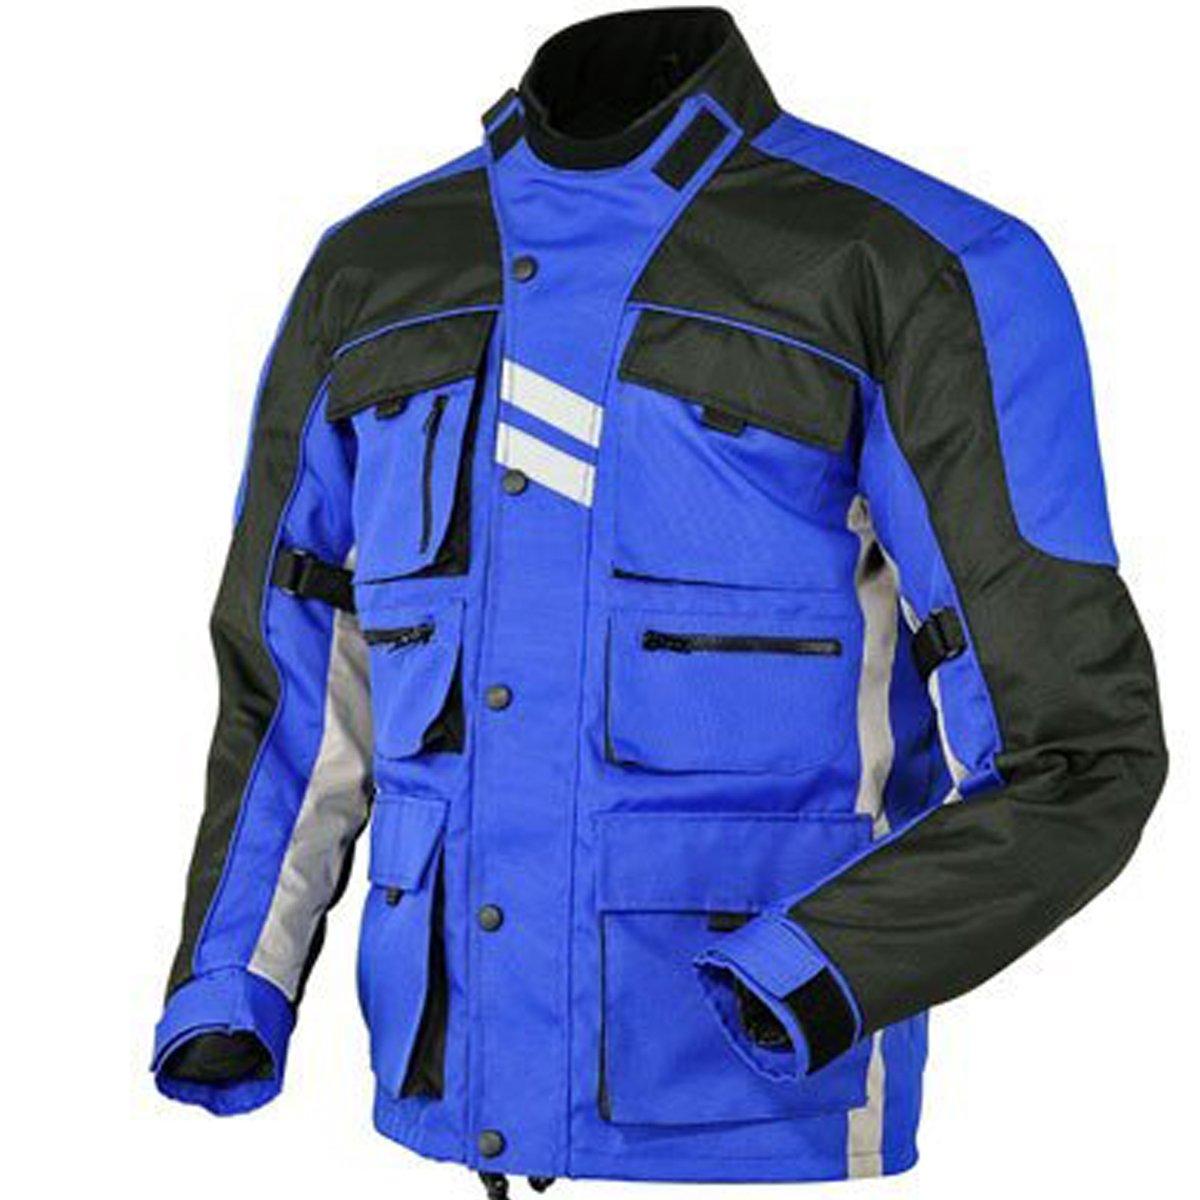 Juicy Trendz Motorcycle Motorbike Biker Cordura Waterproof Textile Jacket Blue Large